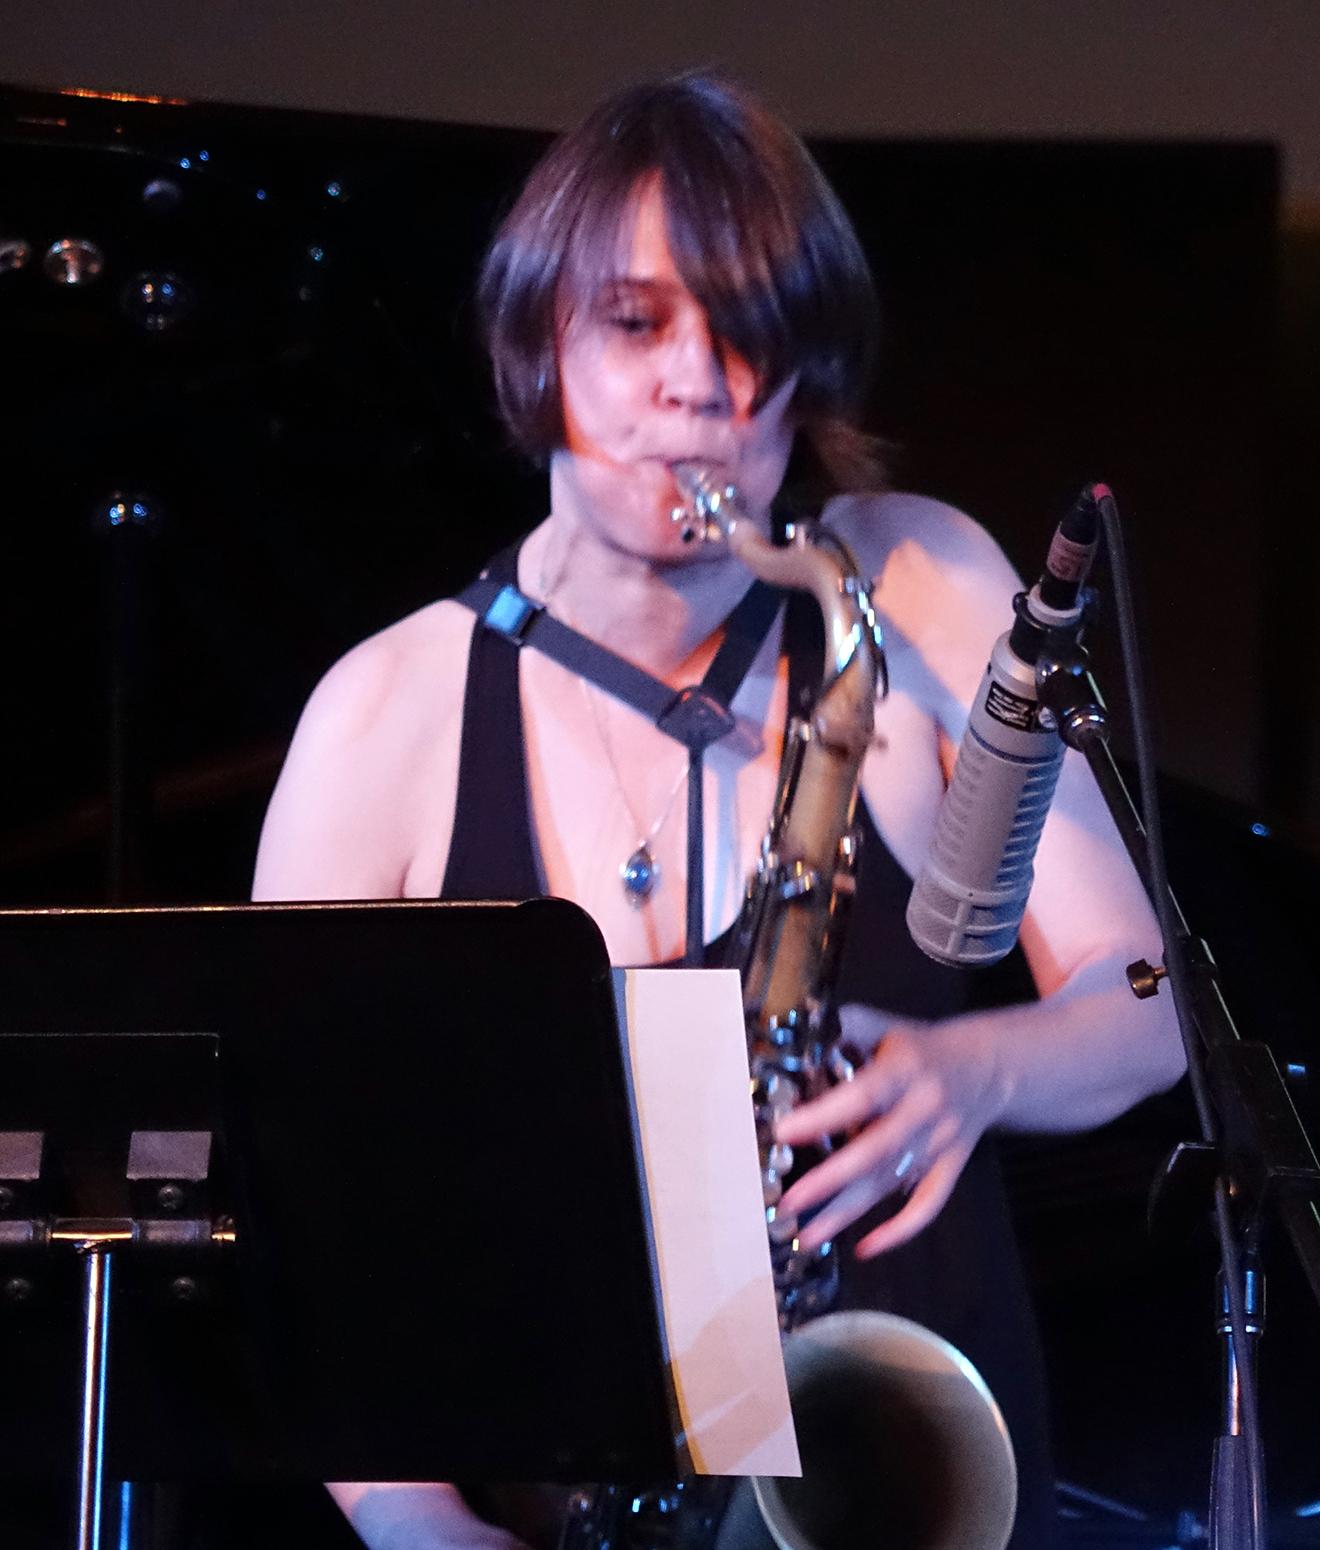 Ingrid Laubrock at Vision Festival 20